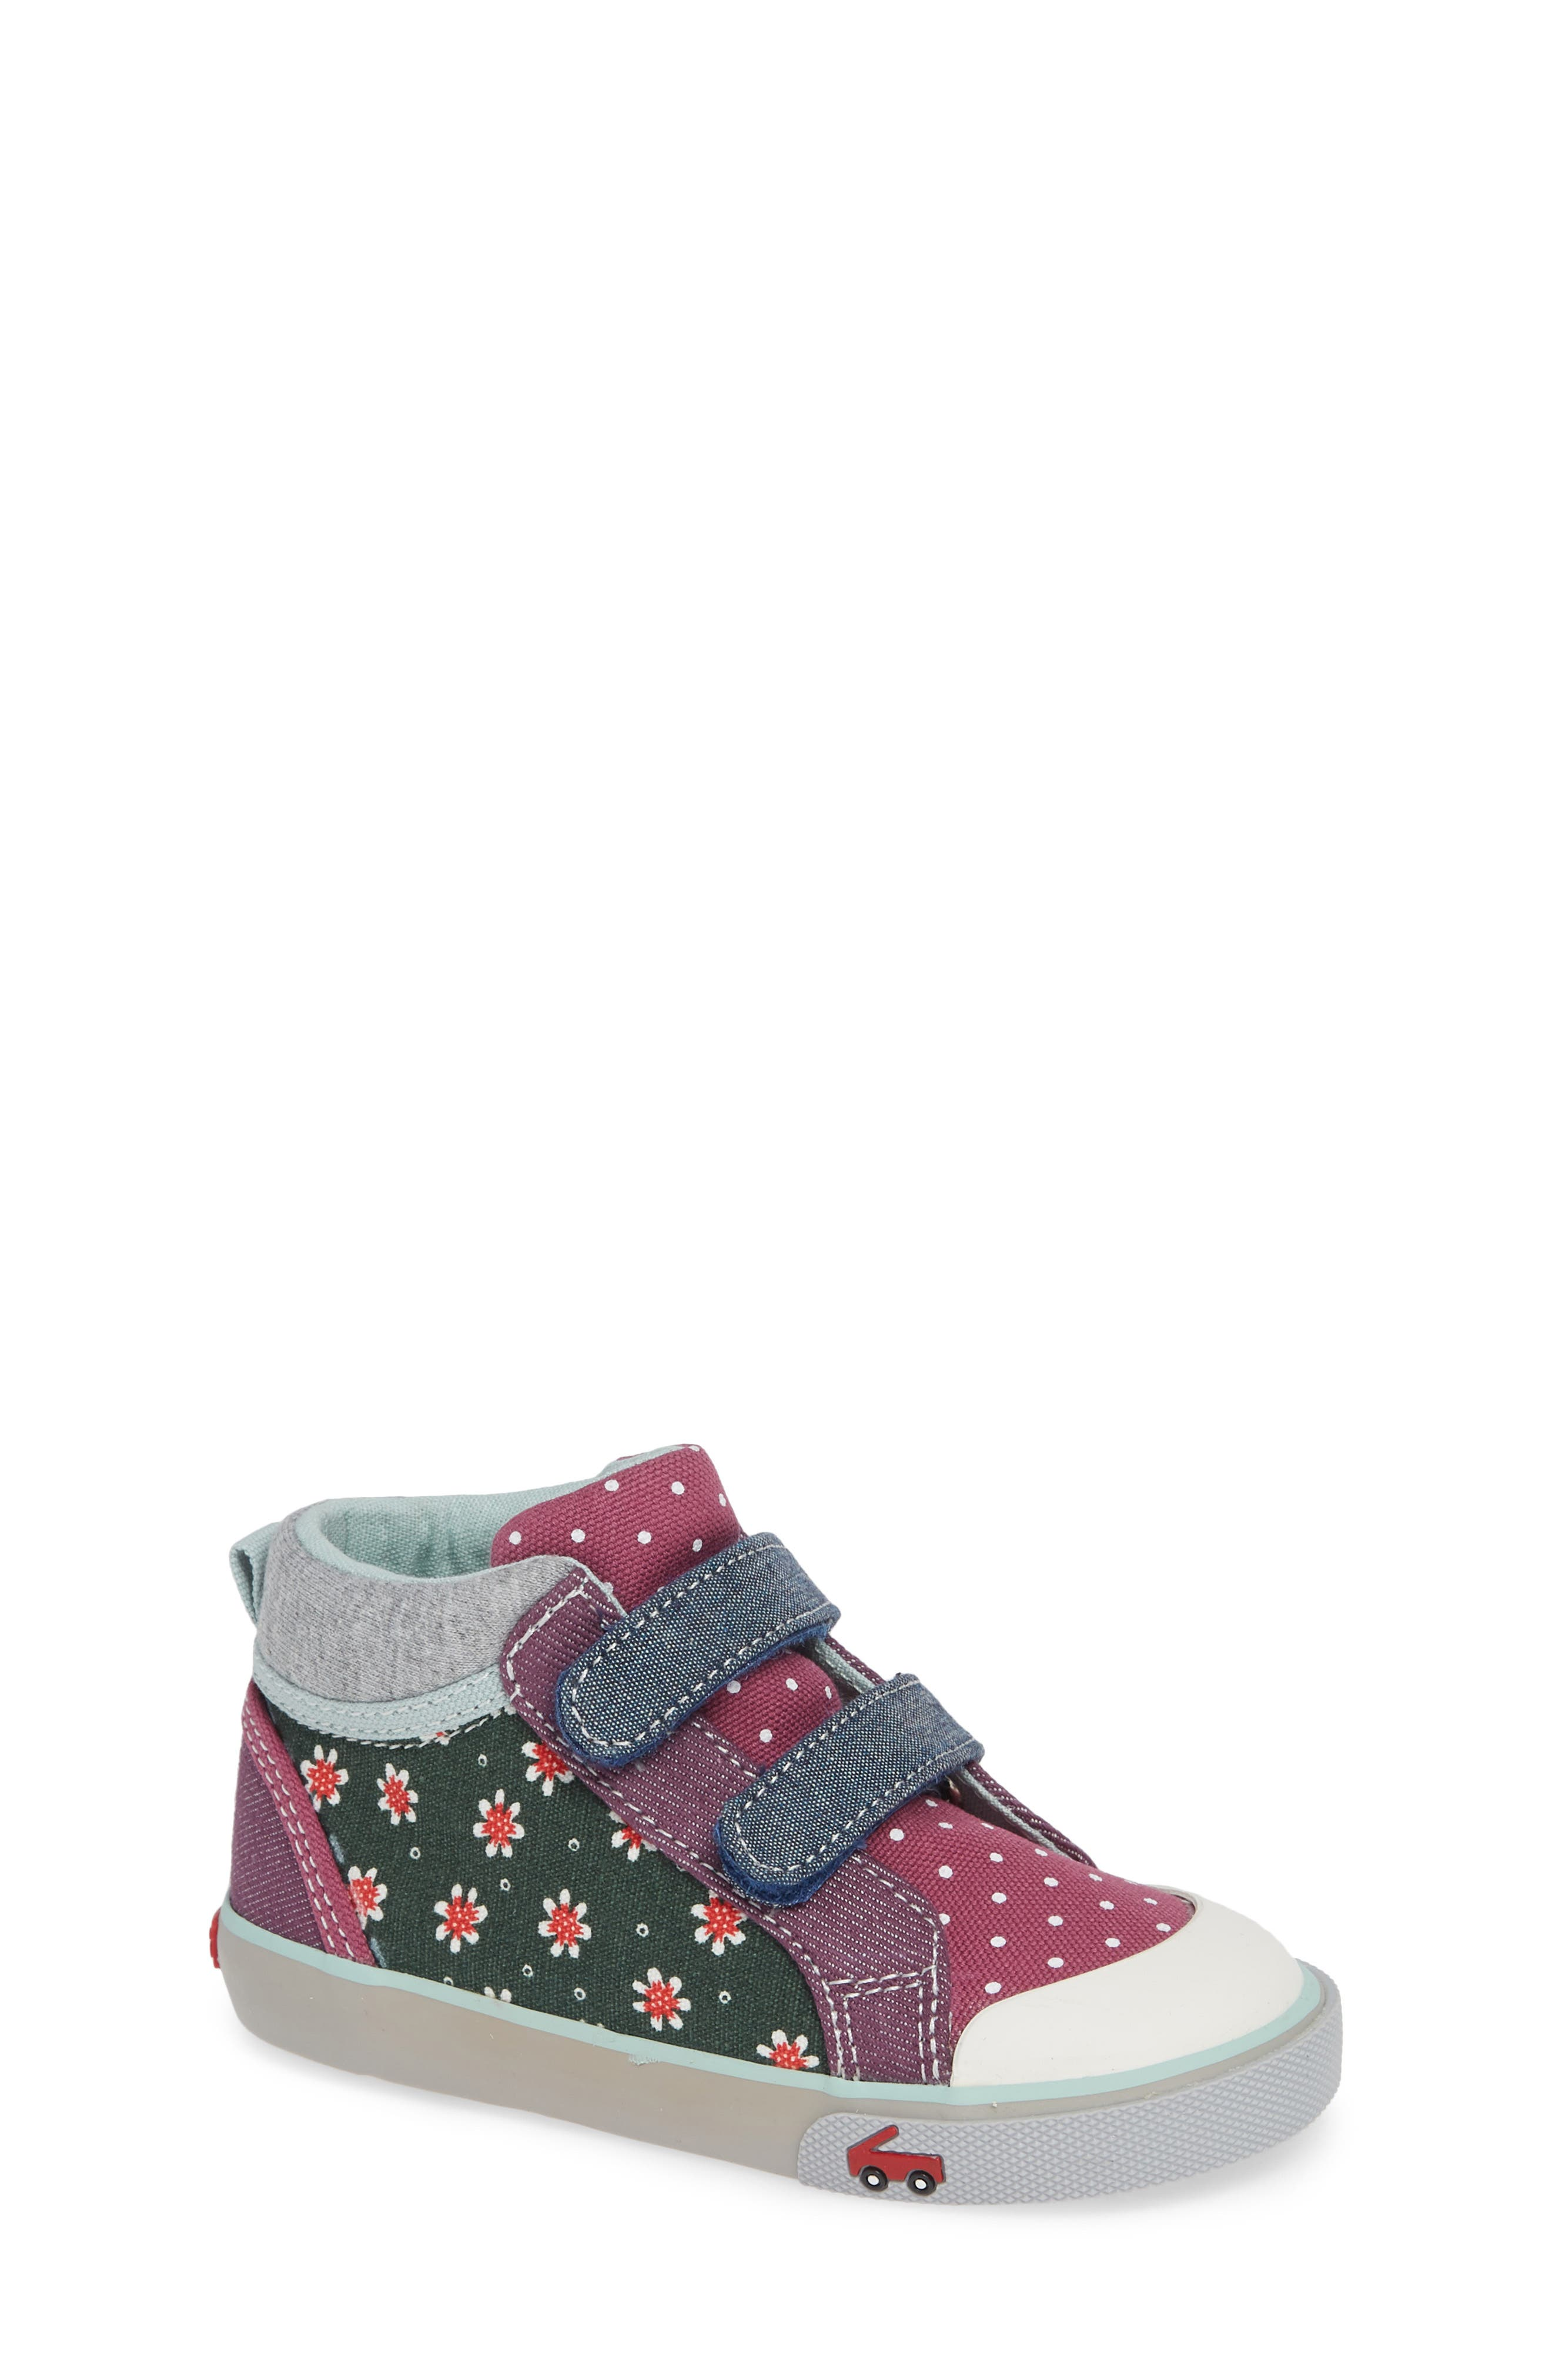 Toddler Girls See Kai Run Kya Sneaker Size 105 M  Green